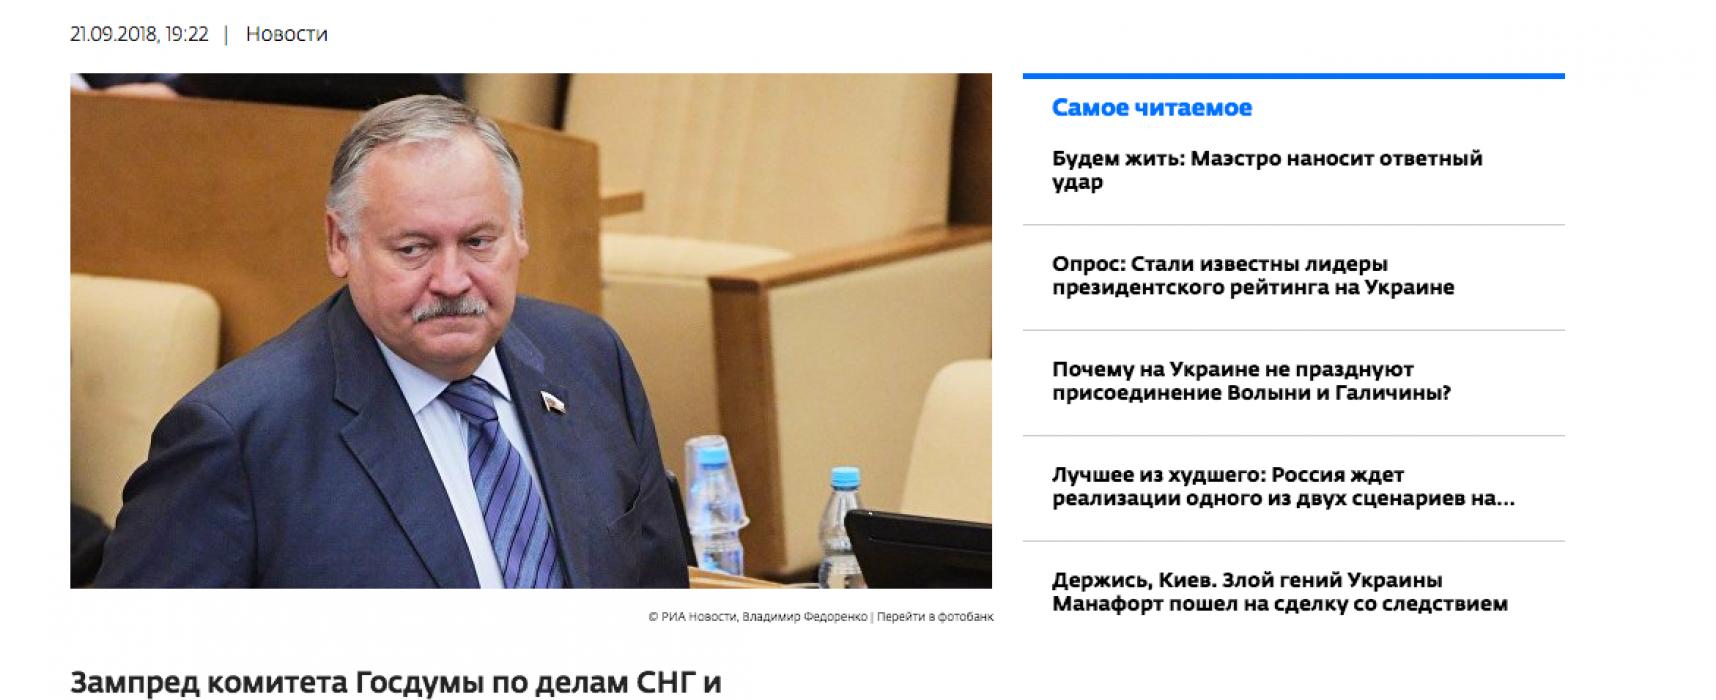 Fake: Kiew verzichtet auf Krim und Sewastopol